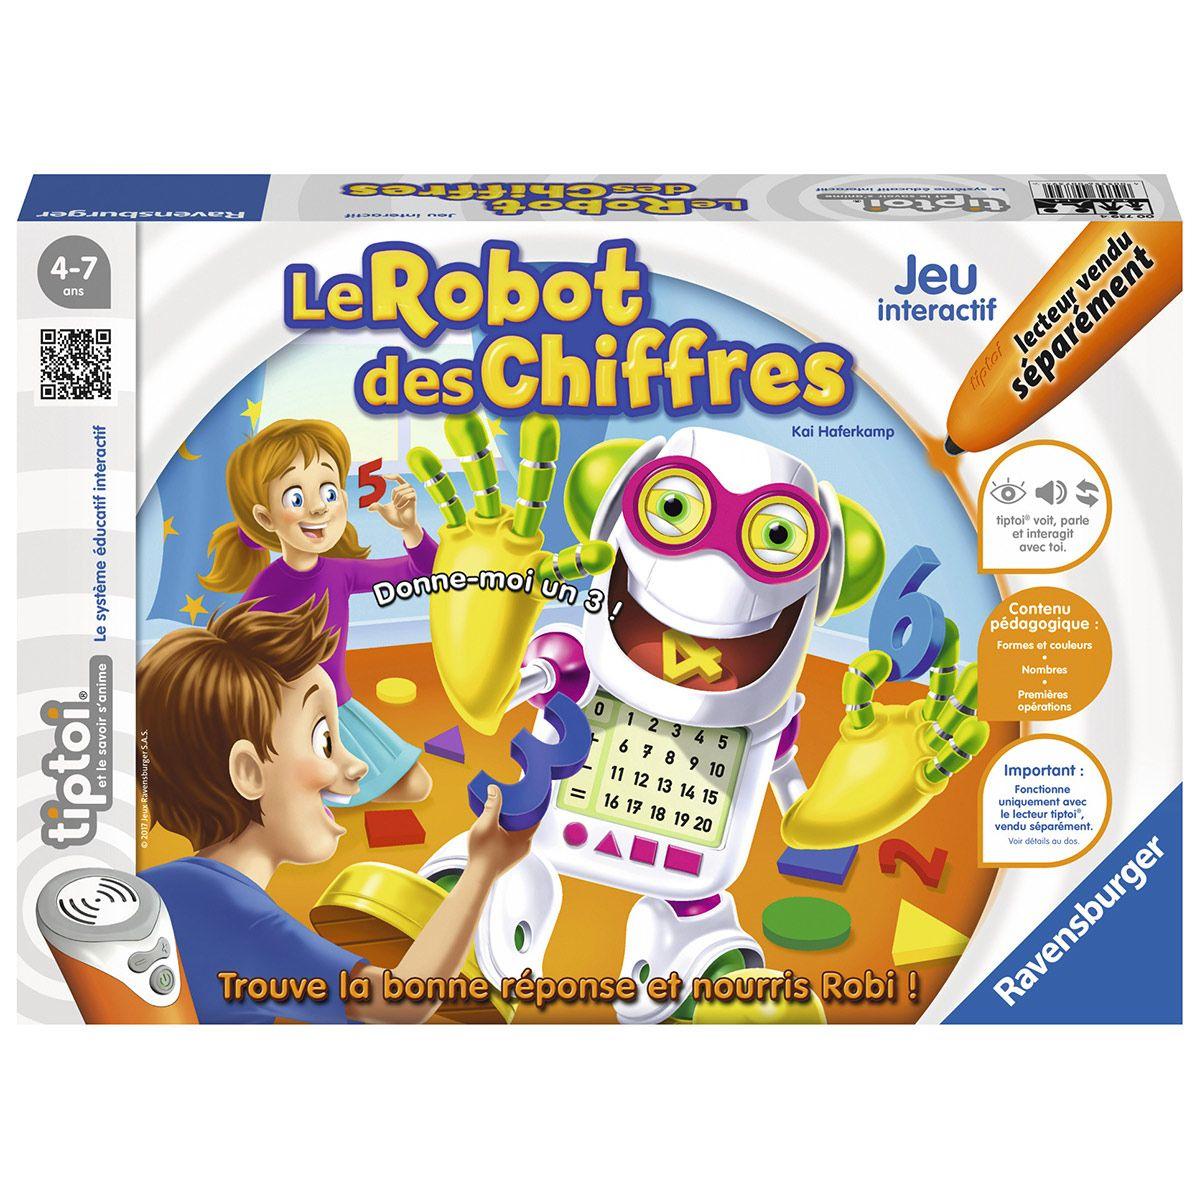 Jeux Educatif 5 Ans - Primanyc destiné Les Jeux Educatif